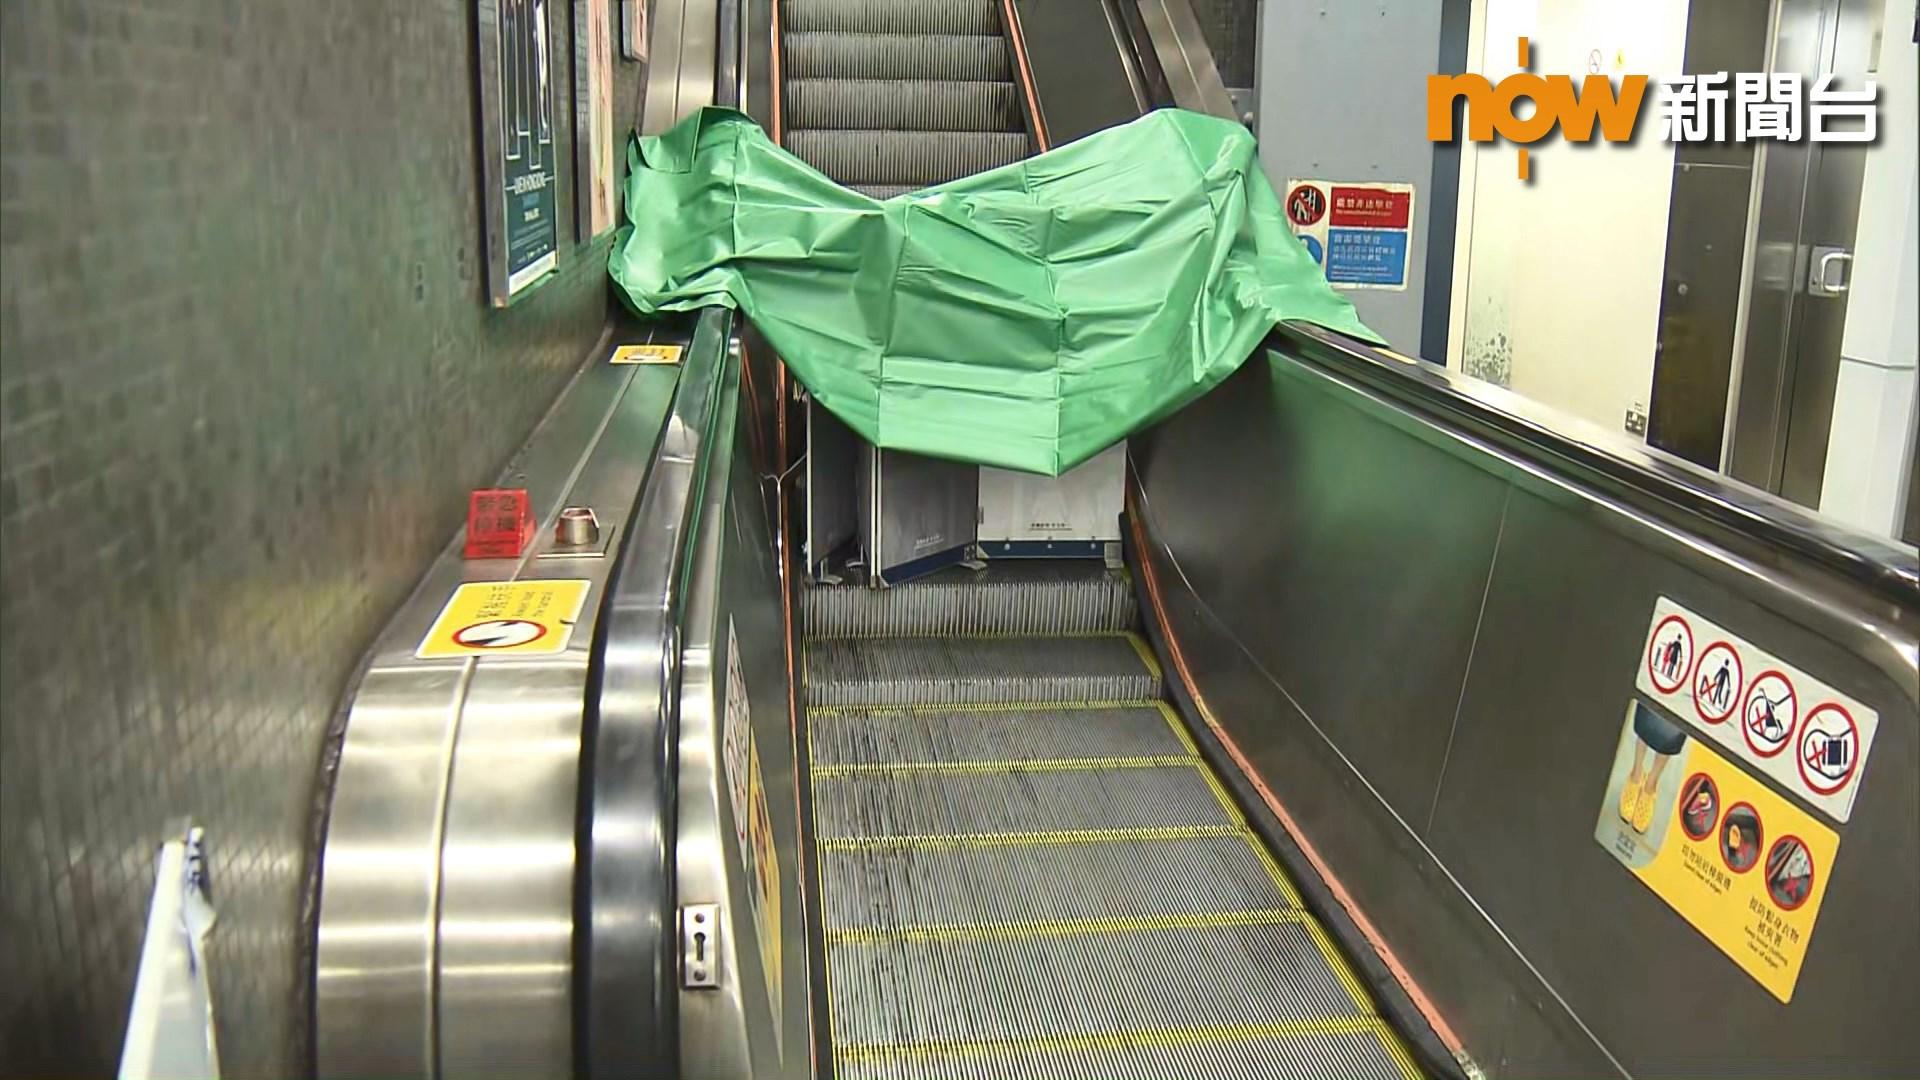 港鐵:涉意外牛頭角站扶手電梯剛完成檢查